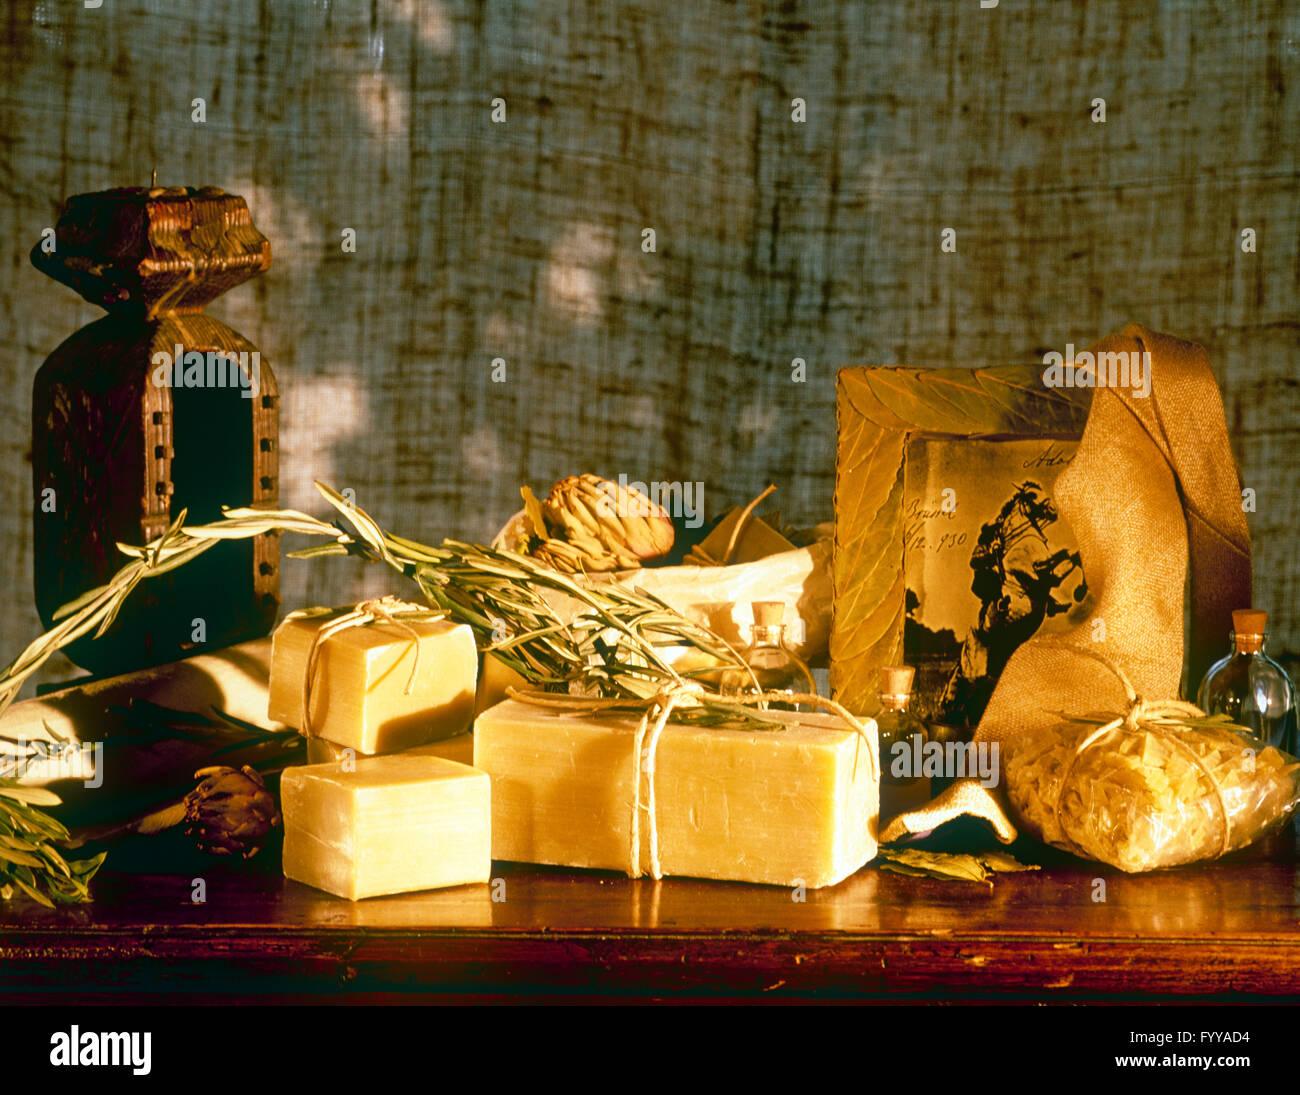 Grand plateau de fromages, à l'intérieur. Photo Stock